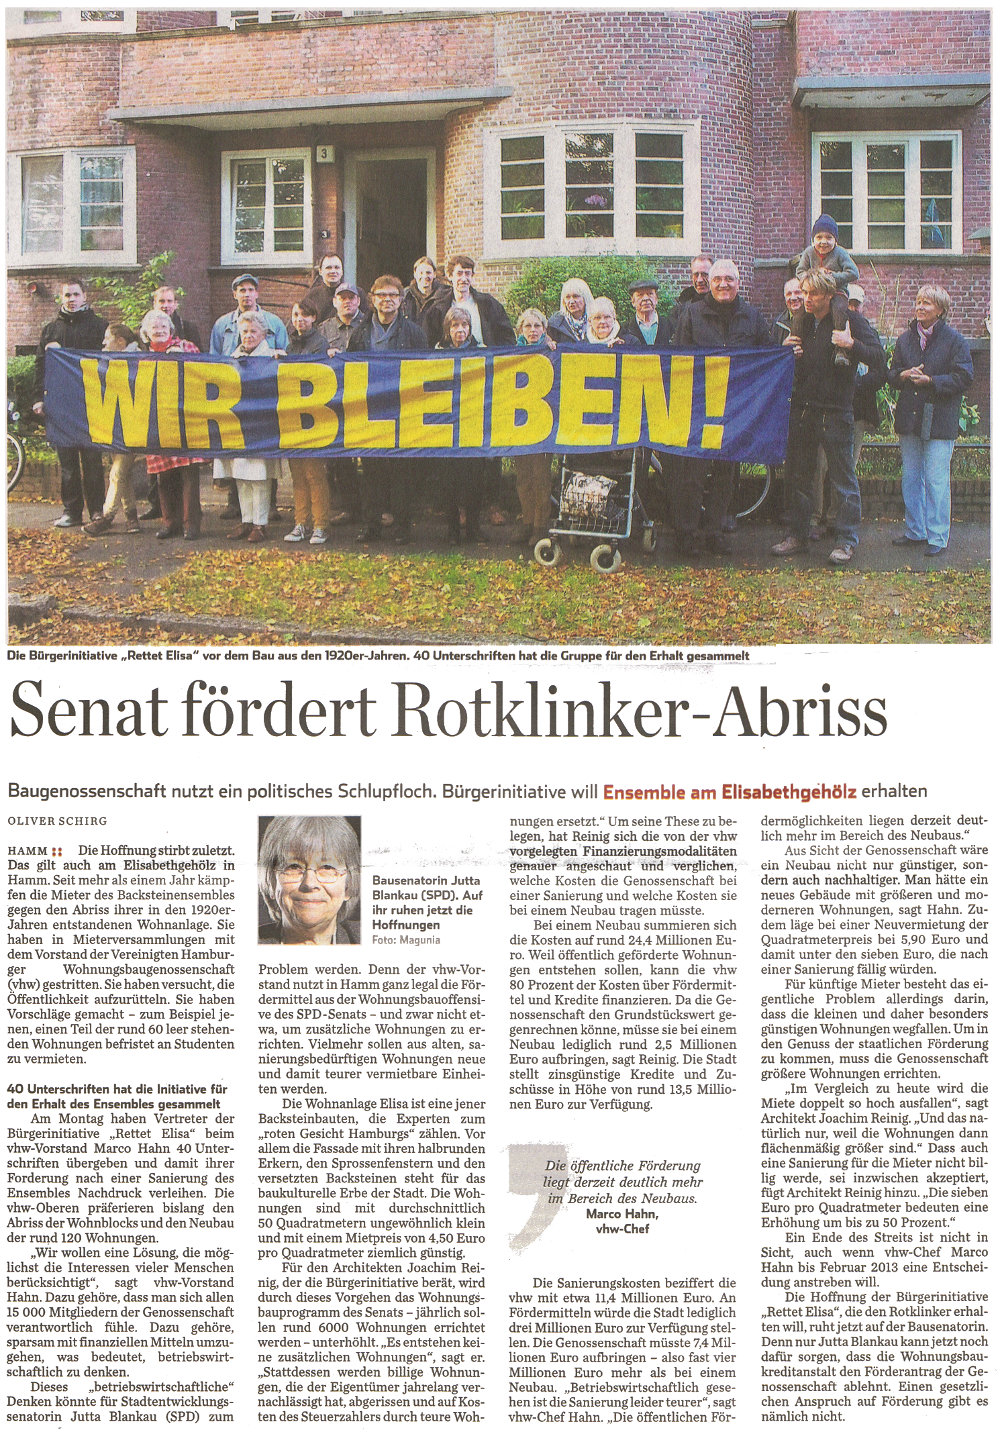 Hamburger-Abendblatt-Artikel-18.12.2012